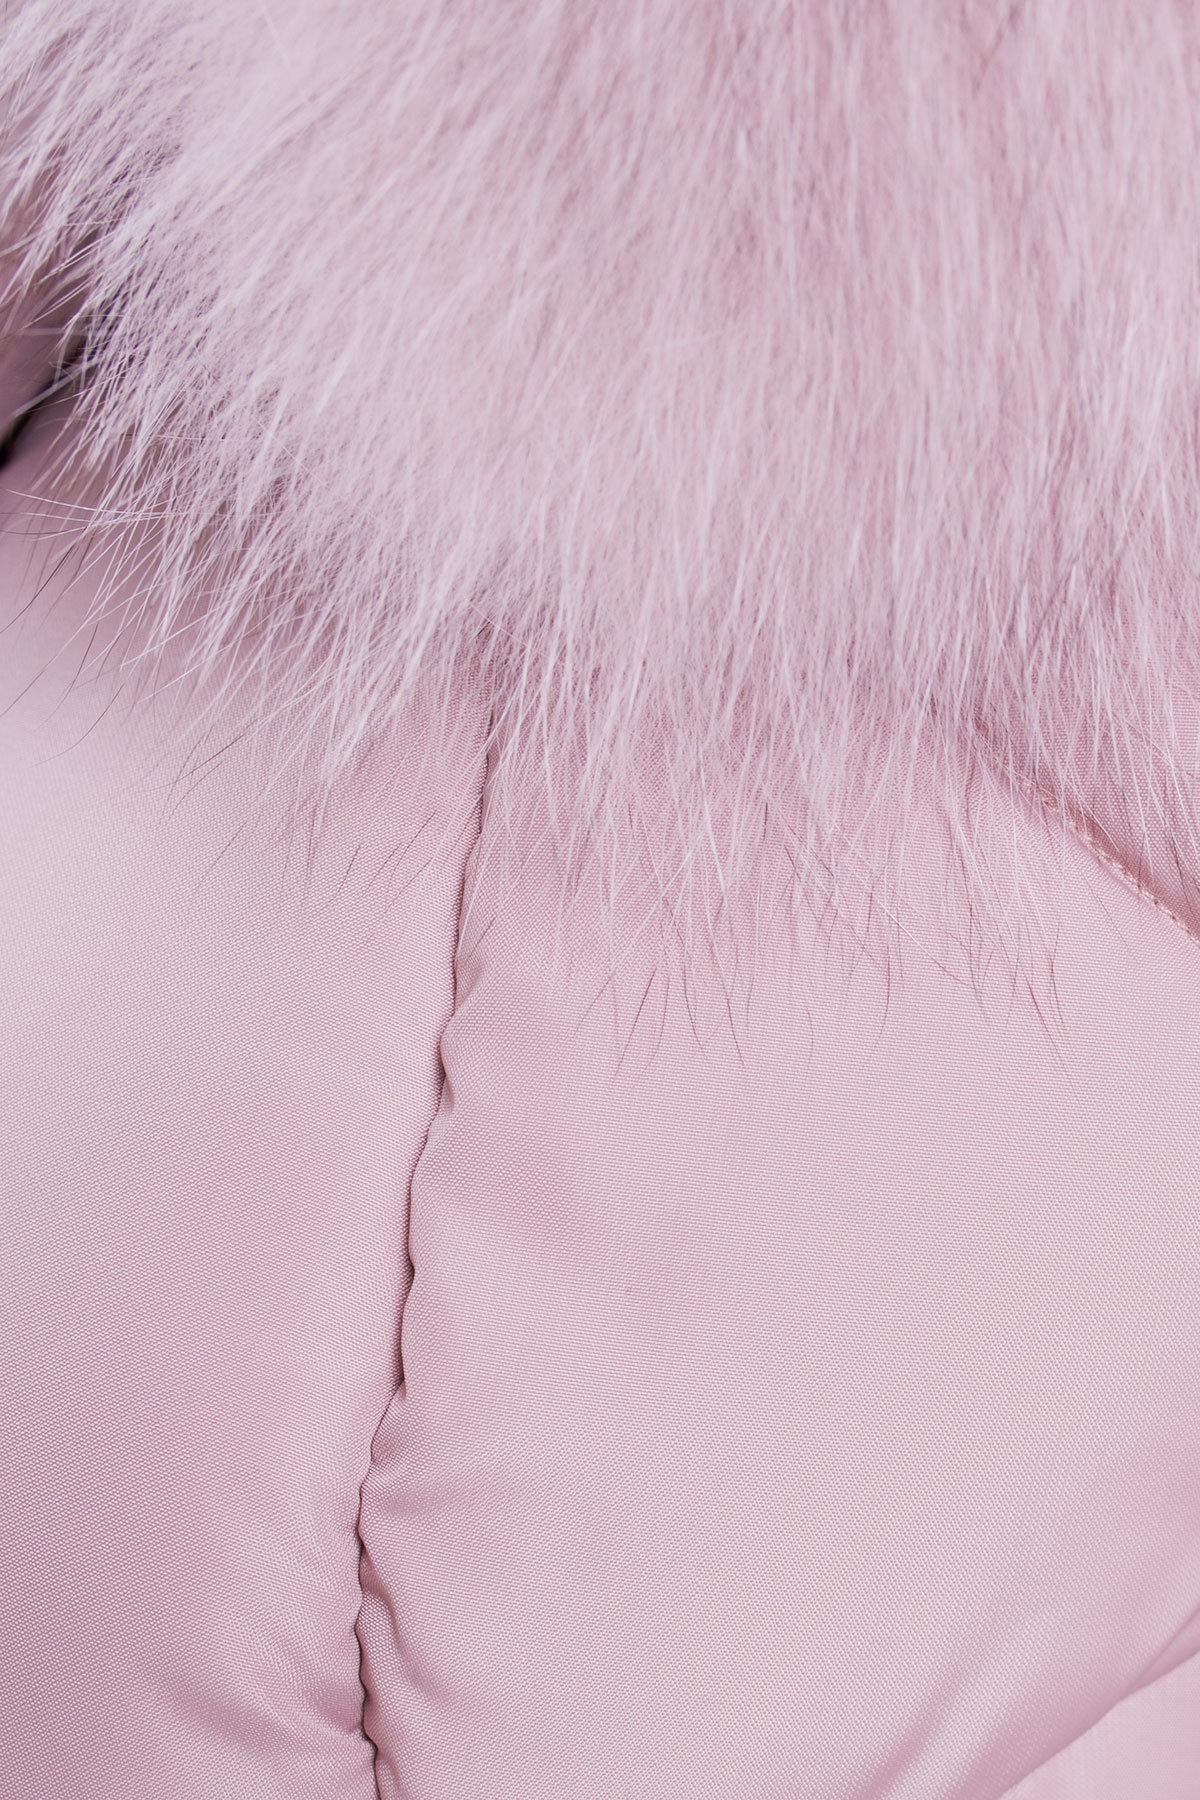 Пуховик Айлин 3114 Цвет: Серо-розовый